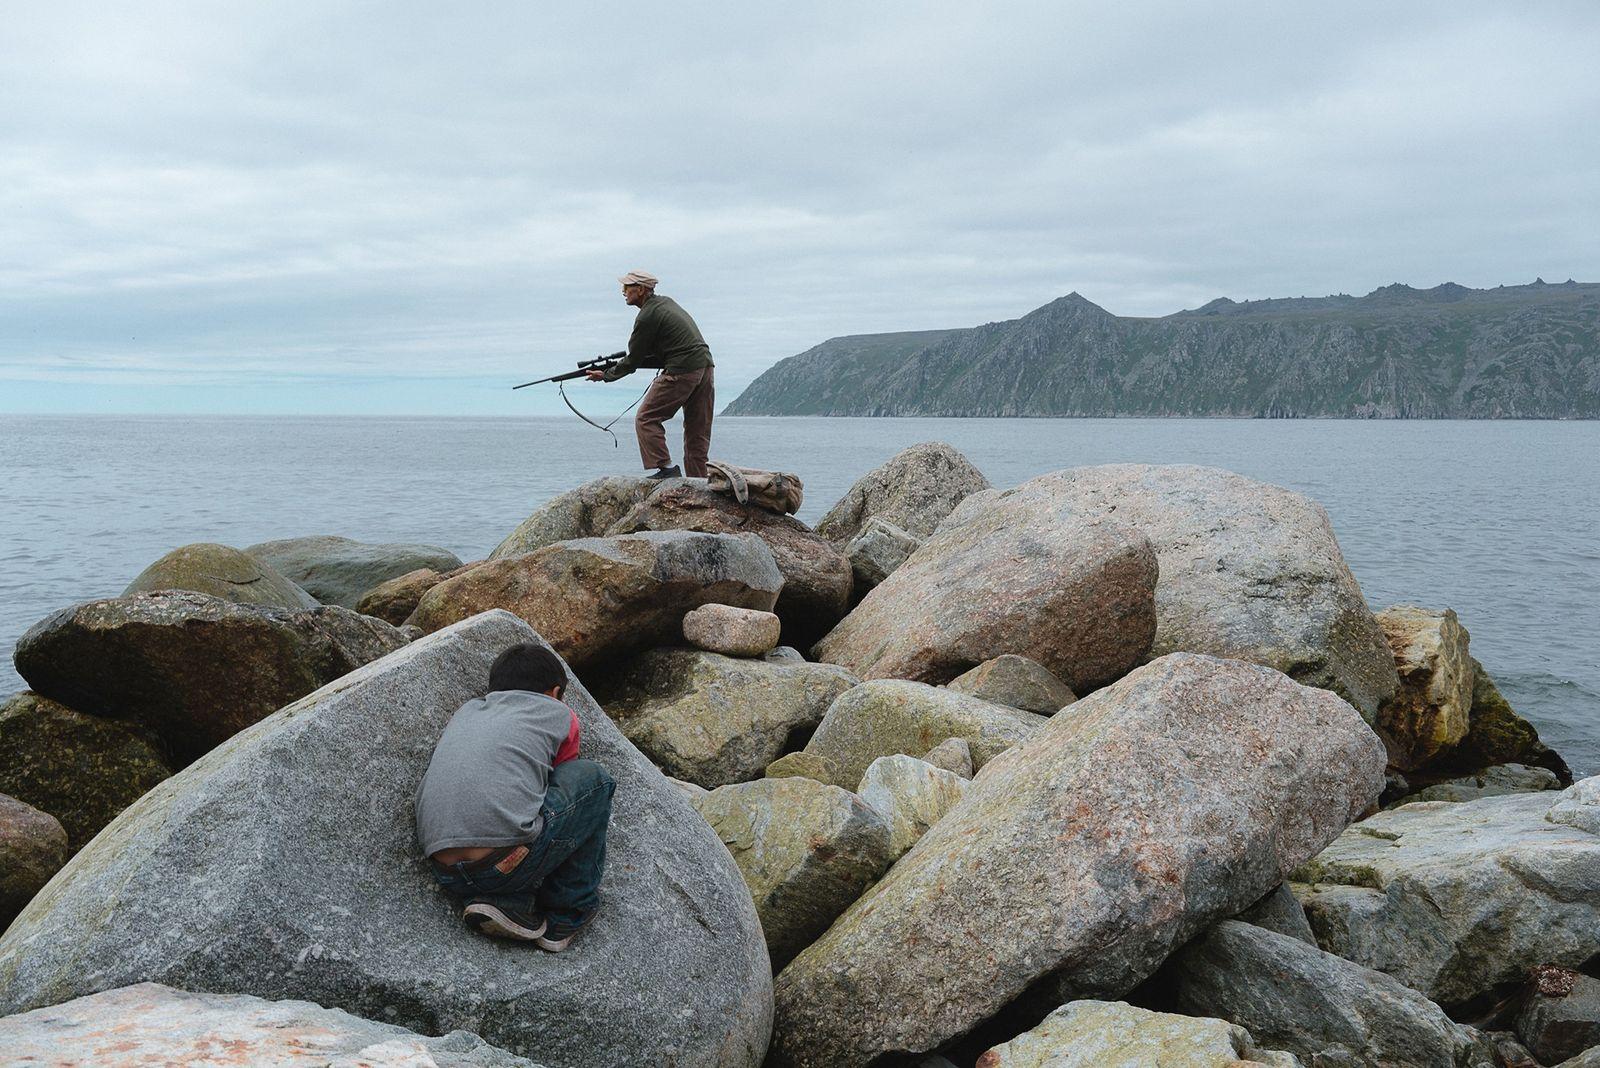 Mudanças climáticas ameaçam ilha do Ártico — será que a comunidade local resistirá?